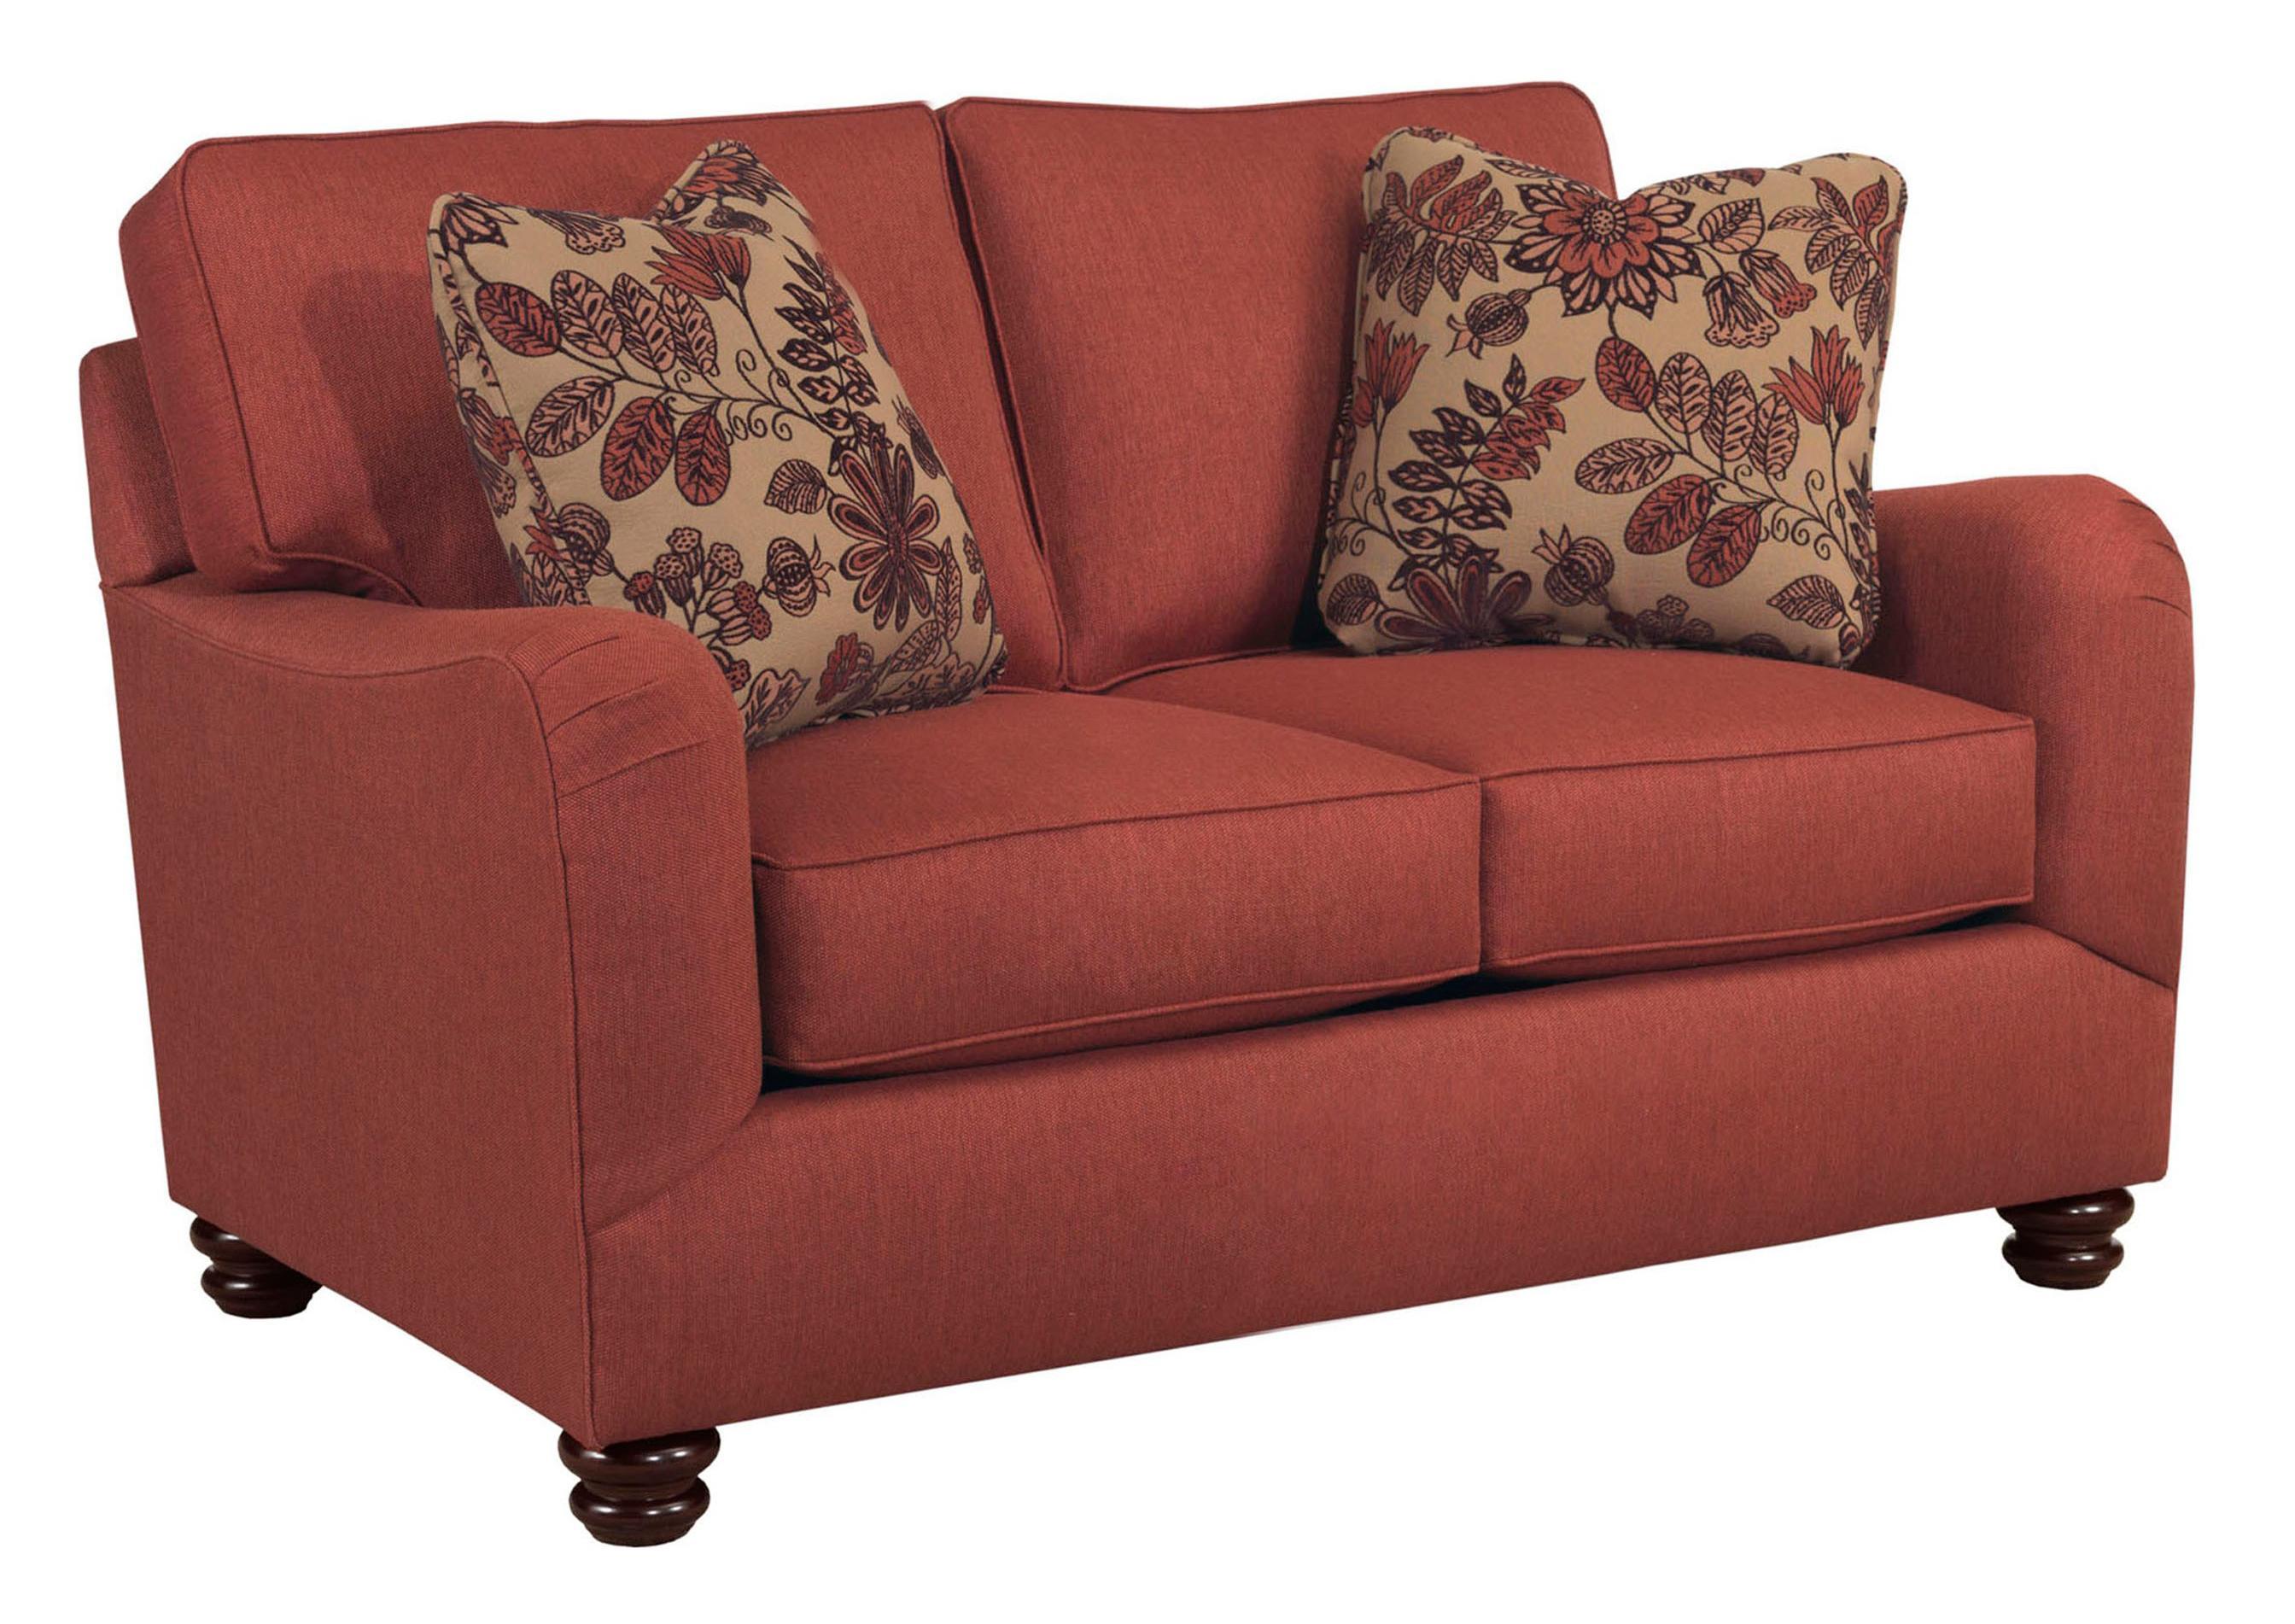 Broyhill Furniture Parker Parker Loveseat - Item Number: 3746-1